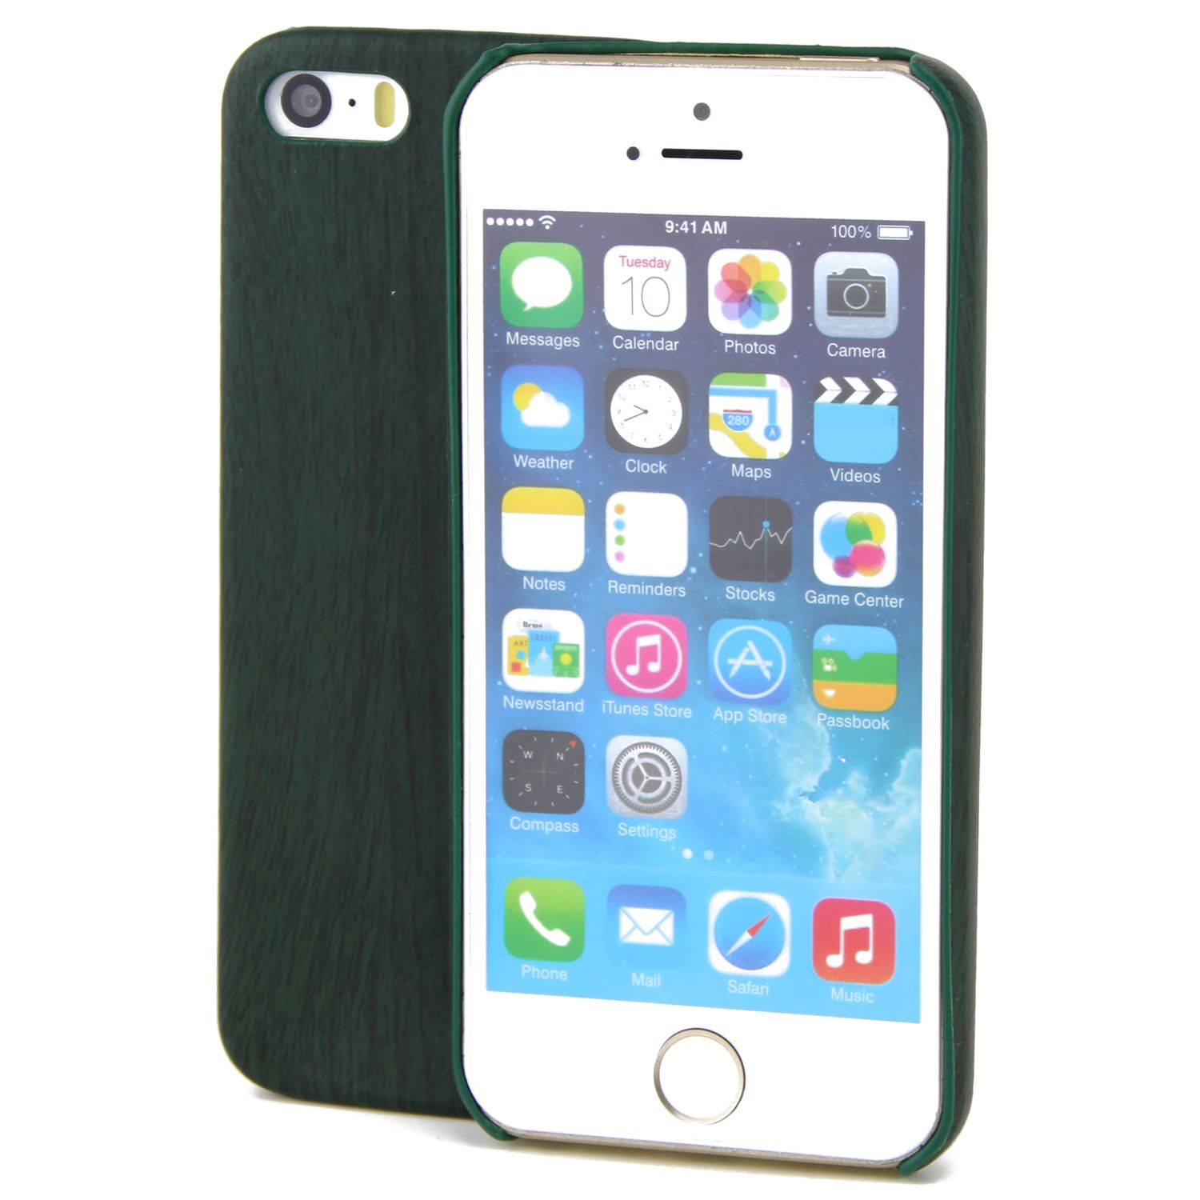 apple iphone 6 6s tpu handy h lle holz optik schutz case gr n cover. Black Bedroom Furniture Sets. Home Design Ideas